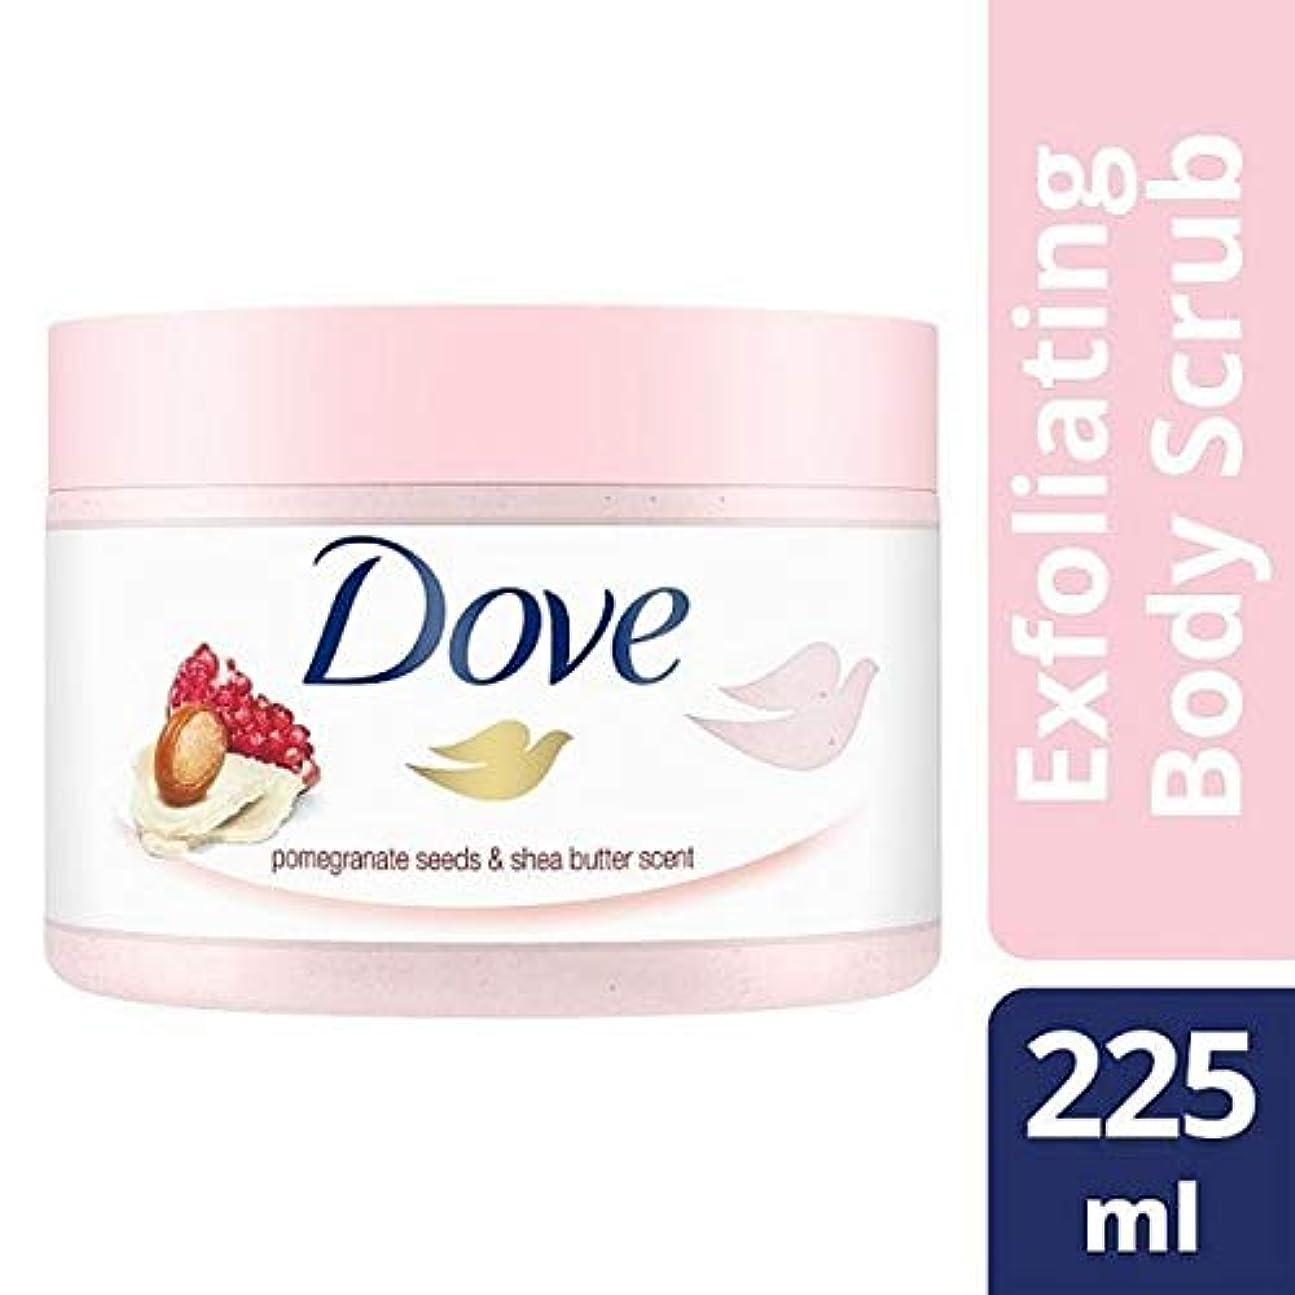 人気の悪因子刺します[Dove ] 225ミリリットルボディスクラブザクロ種子を剥離鳩 - Dove Exfoliating Body Scrub Pomegranate Seeds 225ml [並行輸入品]